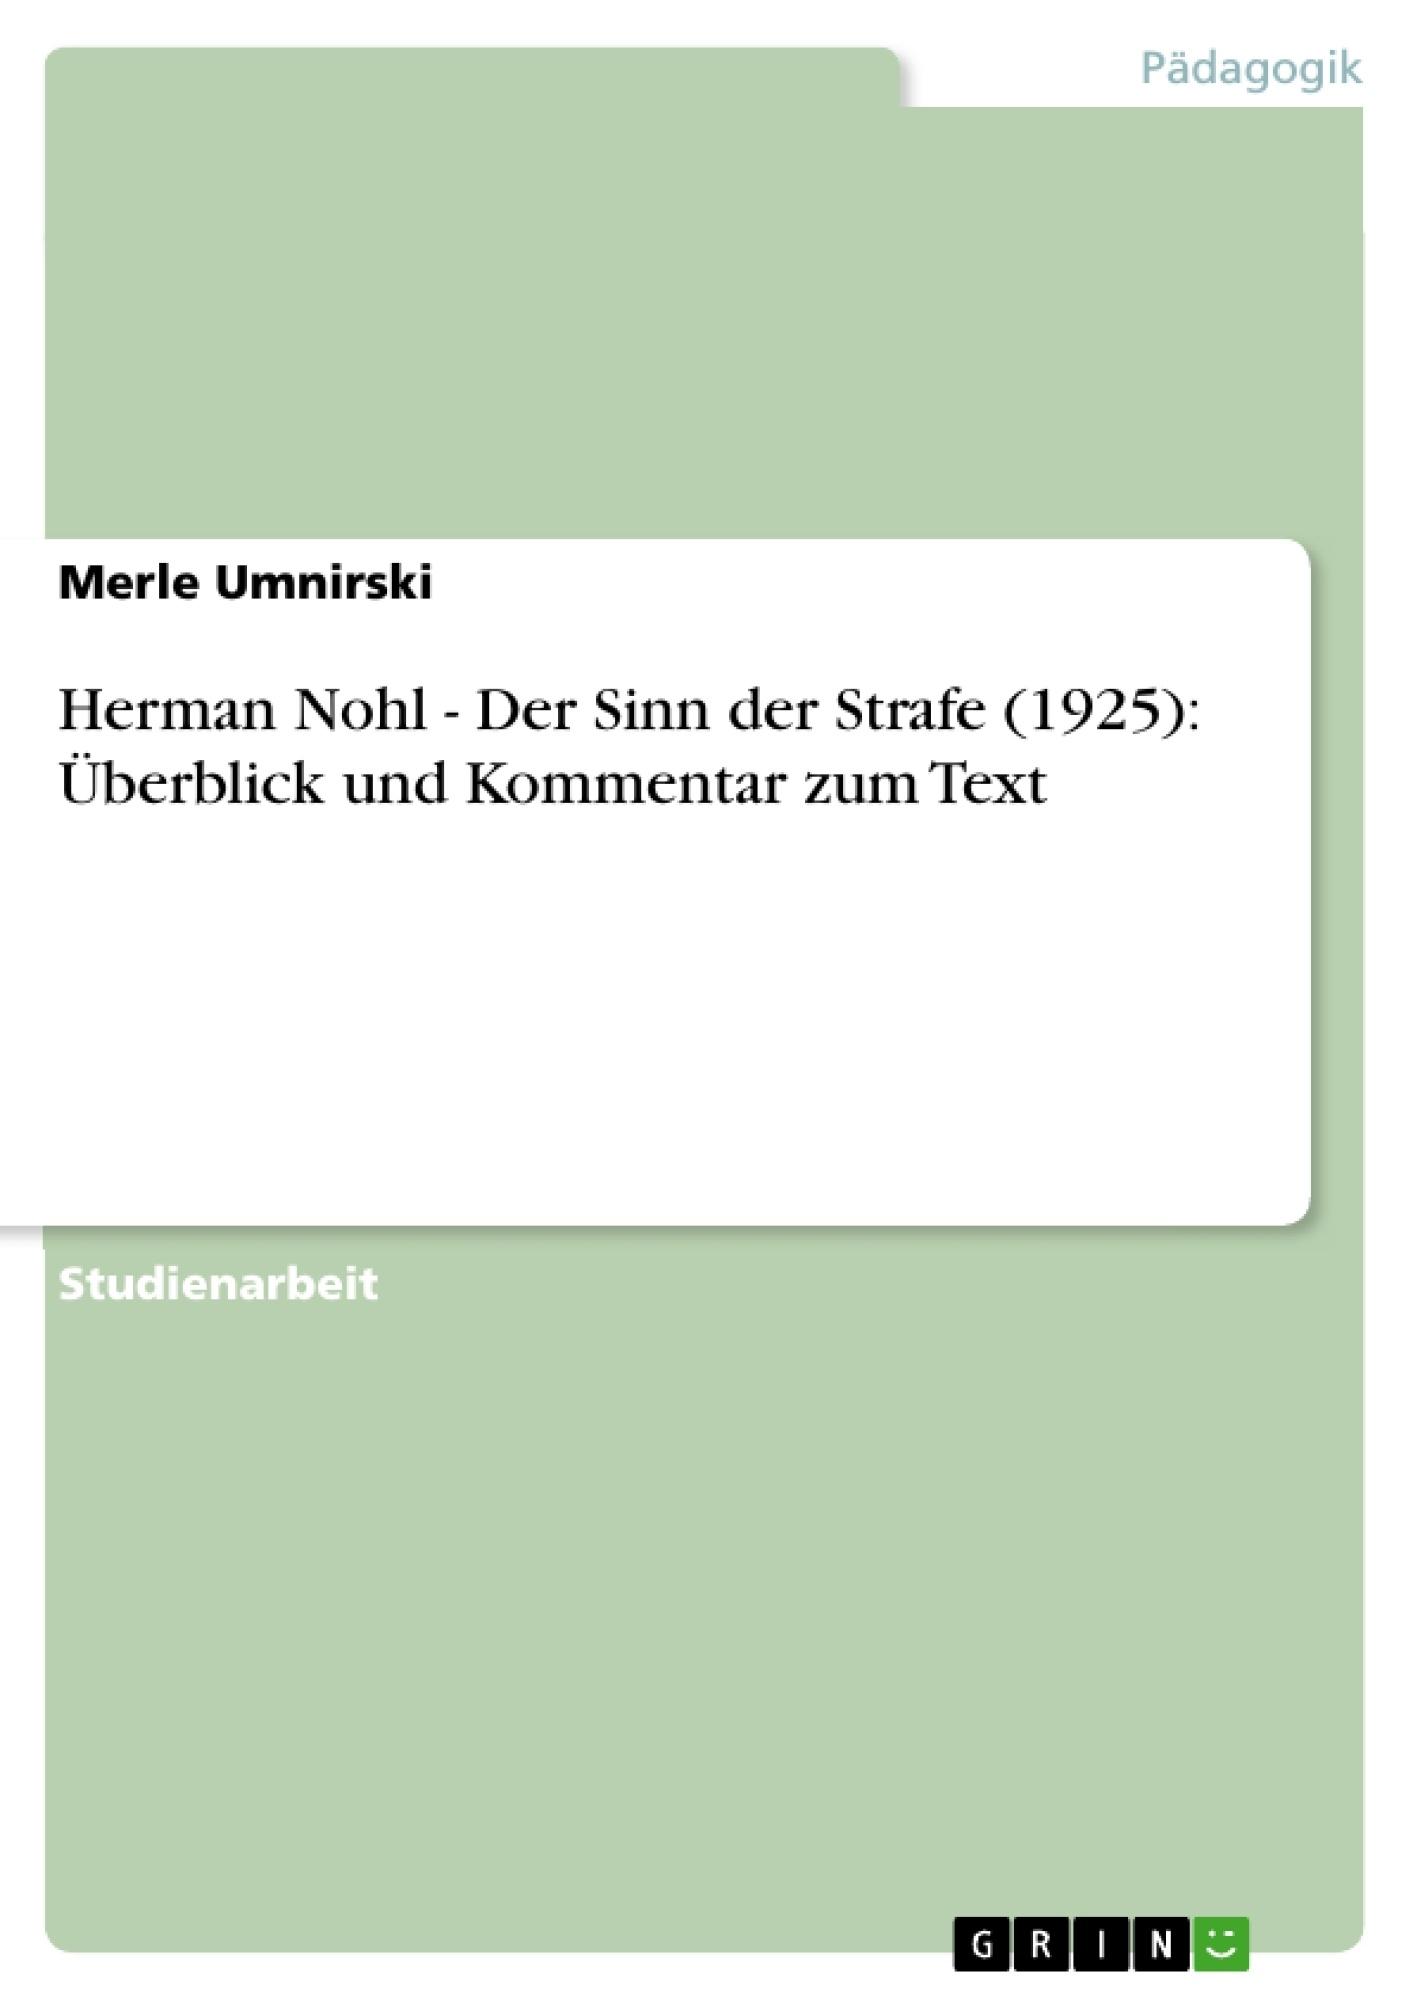 Titel: Herman Nohl - Der Sinn der Strafe (1925): Überblick und Kommentar zum Text